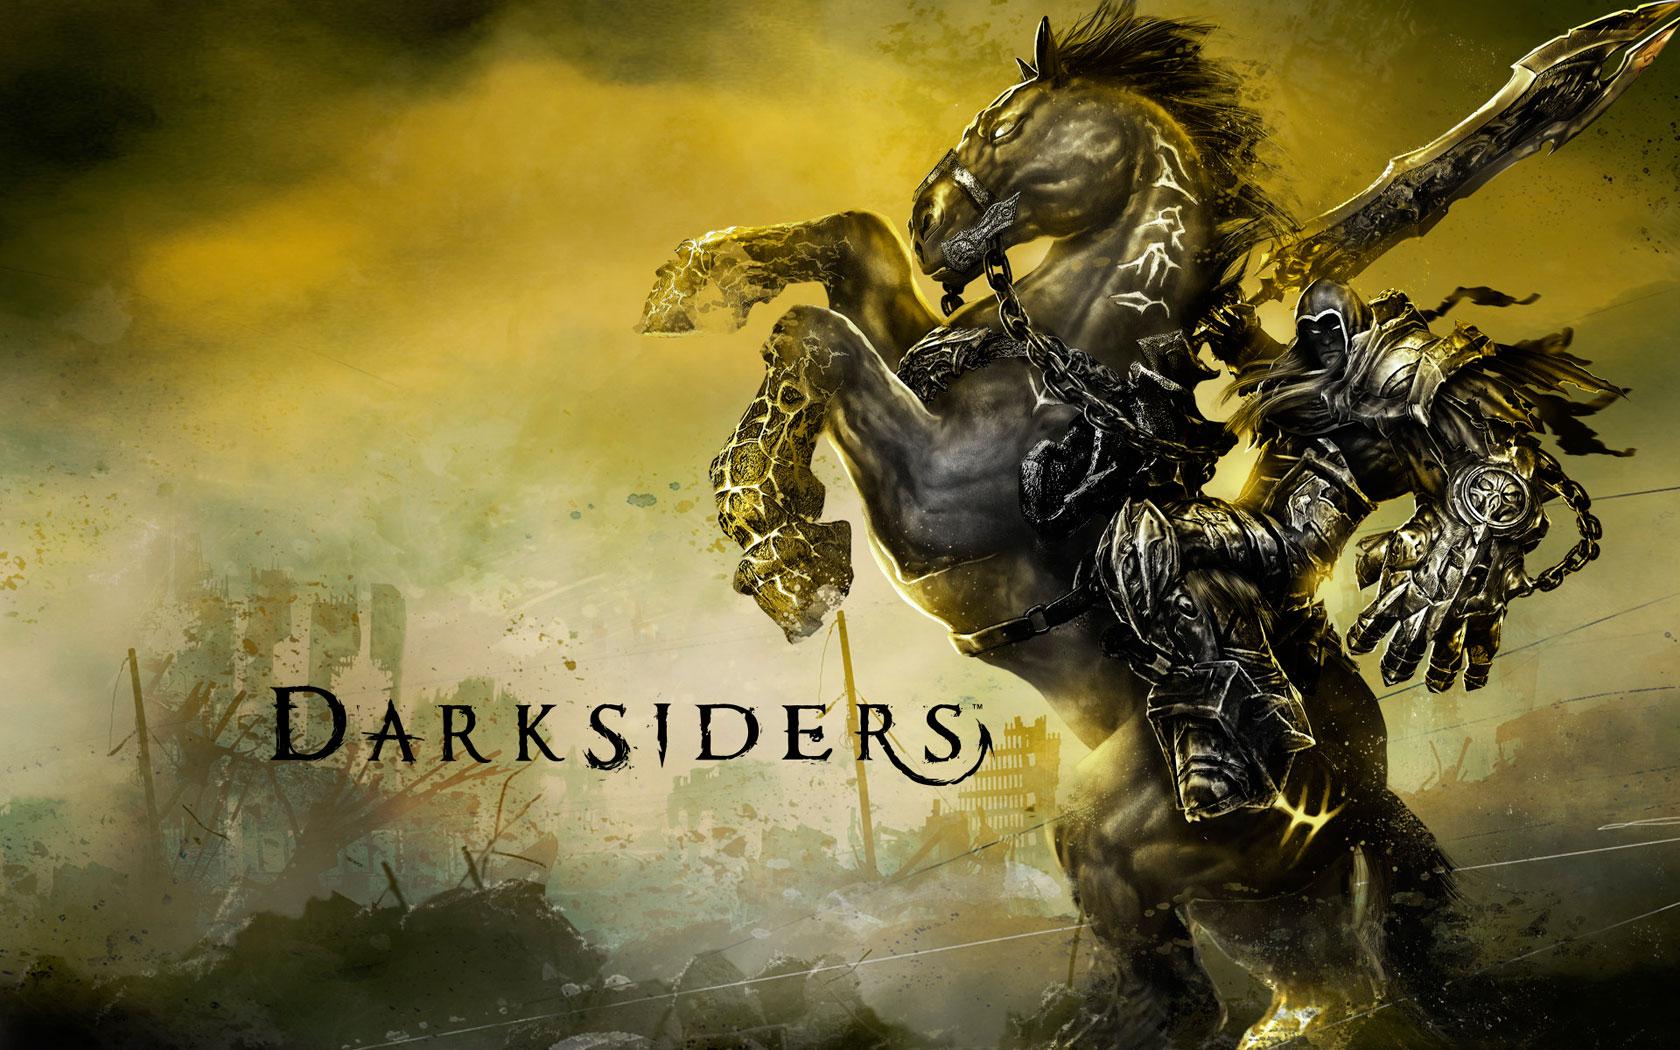 Darksiders Wallpaper HD Wallpapers Desktop Background 1680x1050